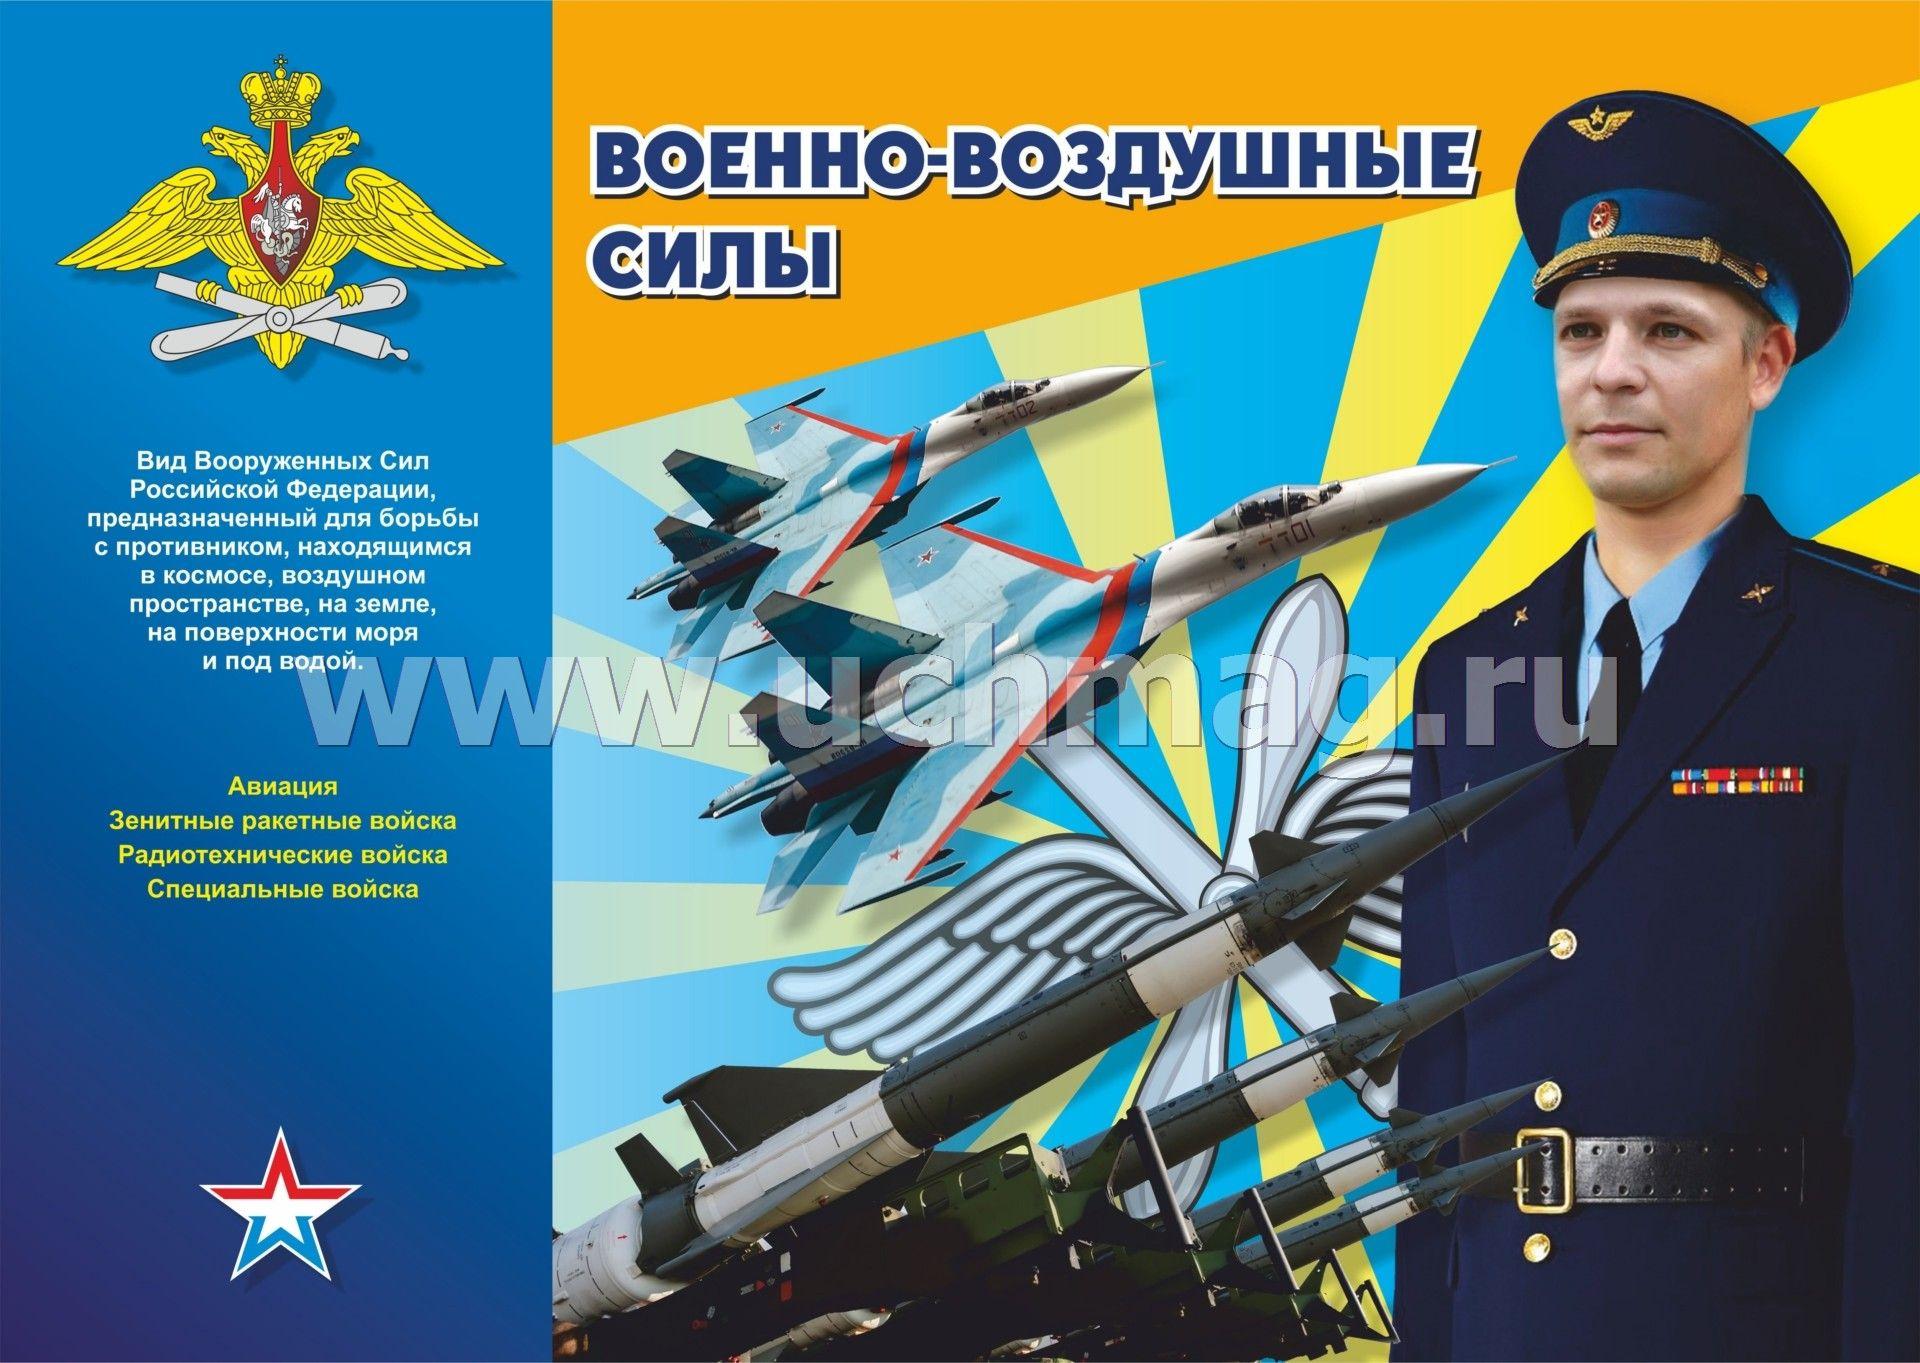 Поздравление вооруженных сил россии